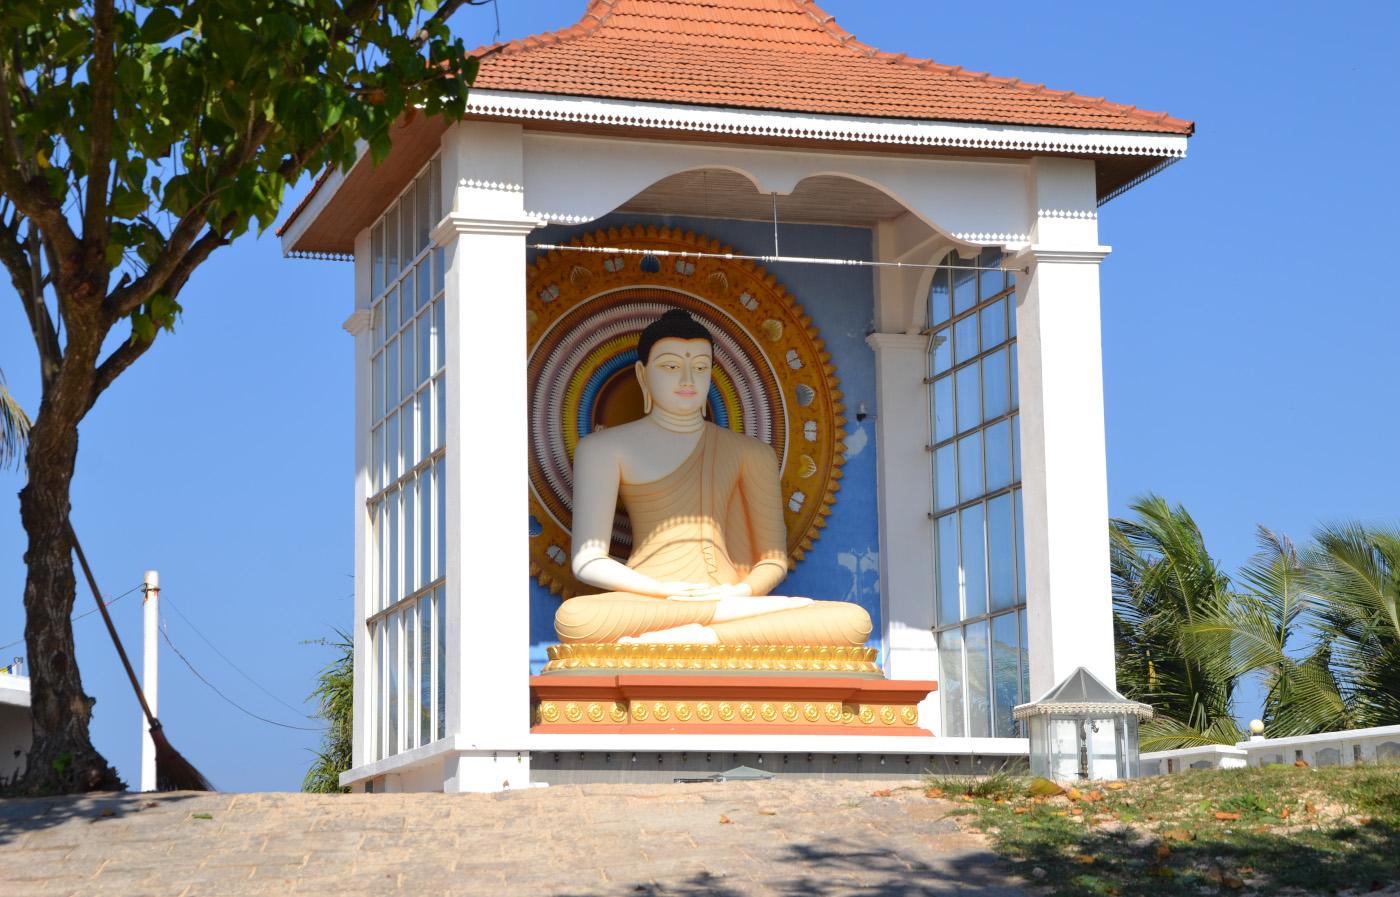 Фотография 4. Буддийский храм в Унаватуне (Unawatuna Beach). Чем мы занимались на отдыхе на Шри-Ланке. 1/320, 9, 100, 55.